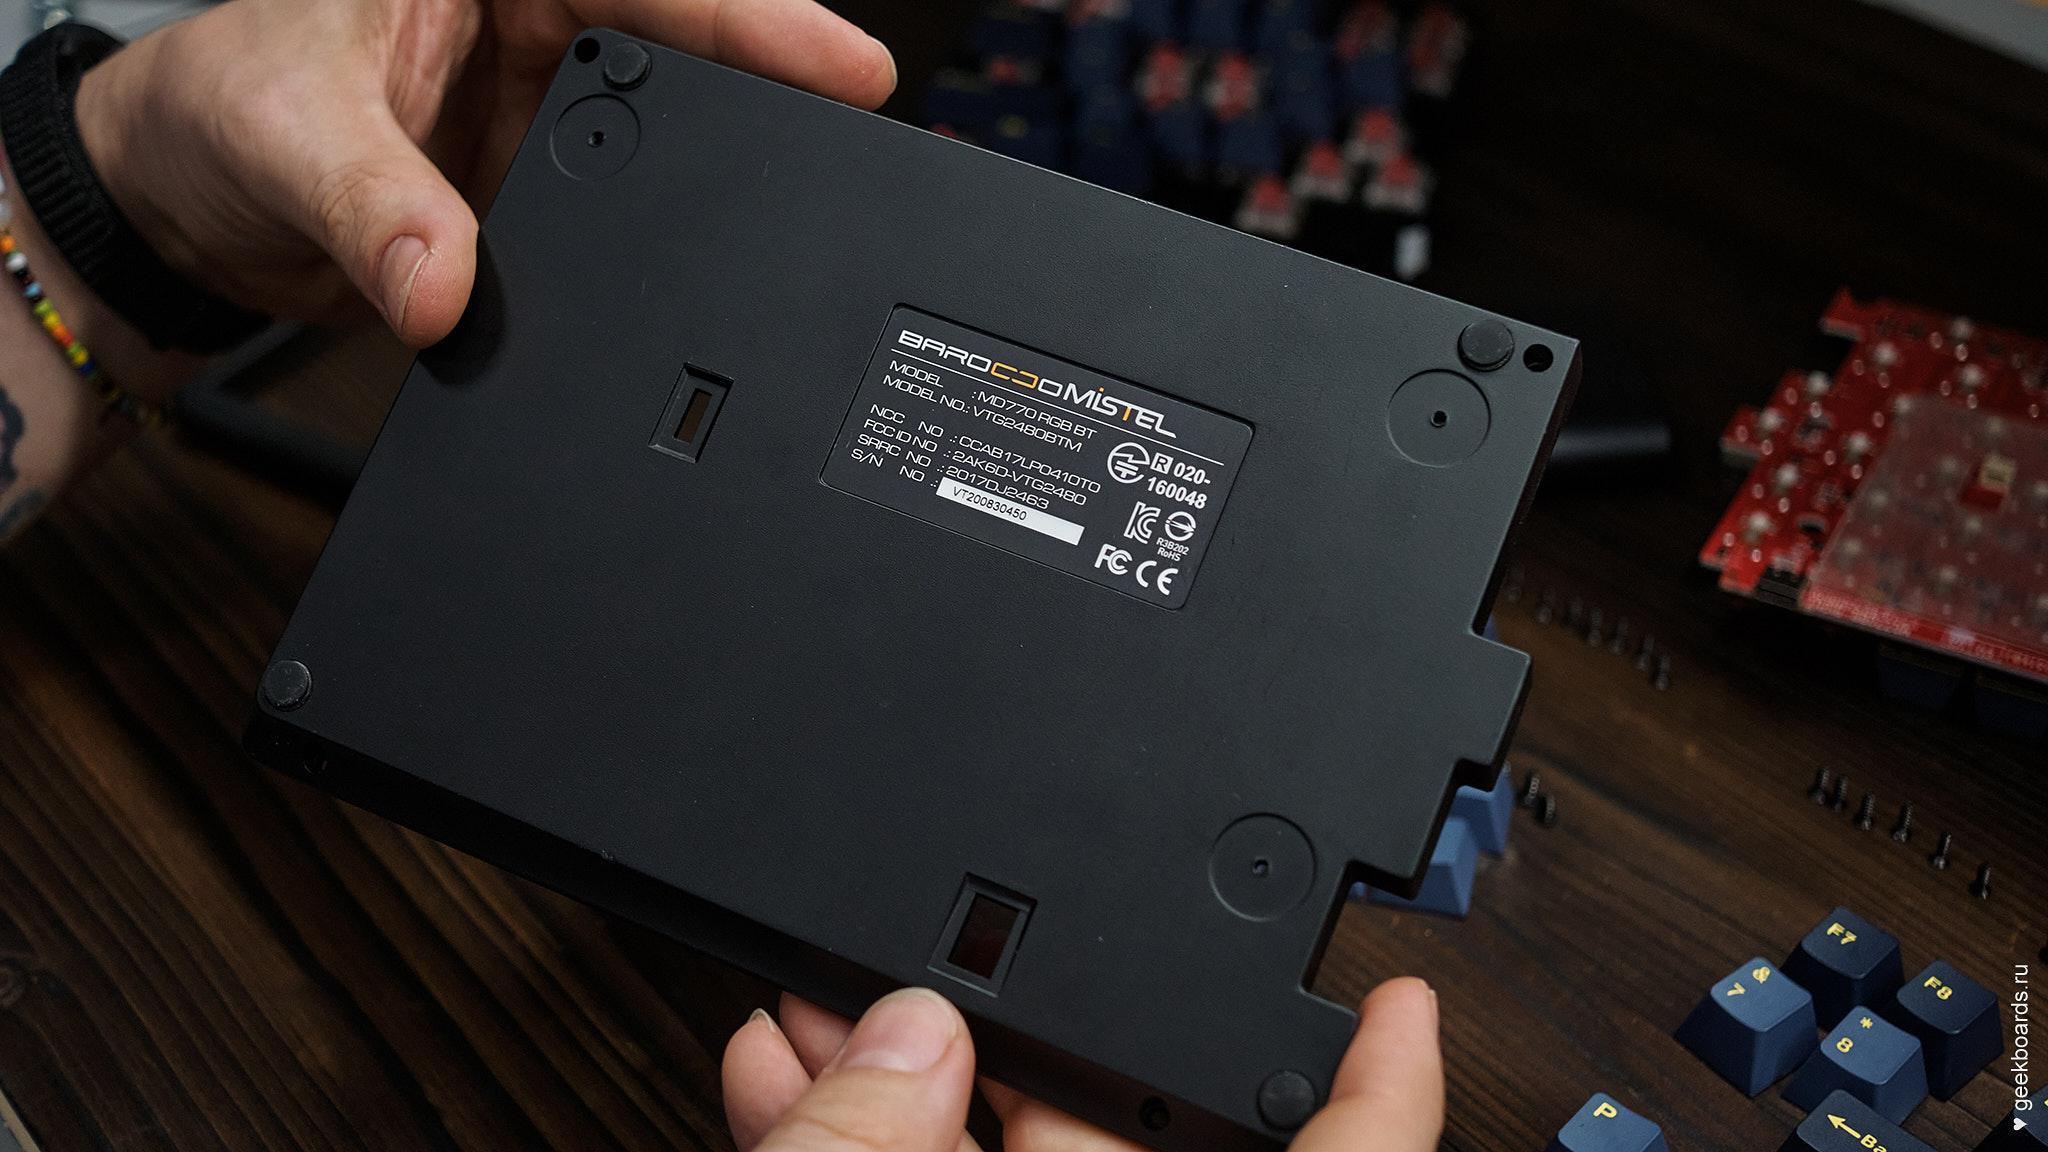 MISTEL BAROCCO MD770RGB BT BLACK нижняя часть корпуса